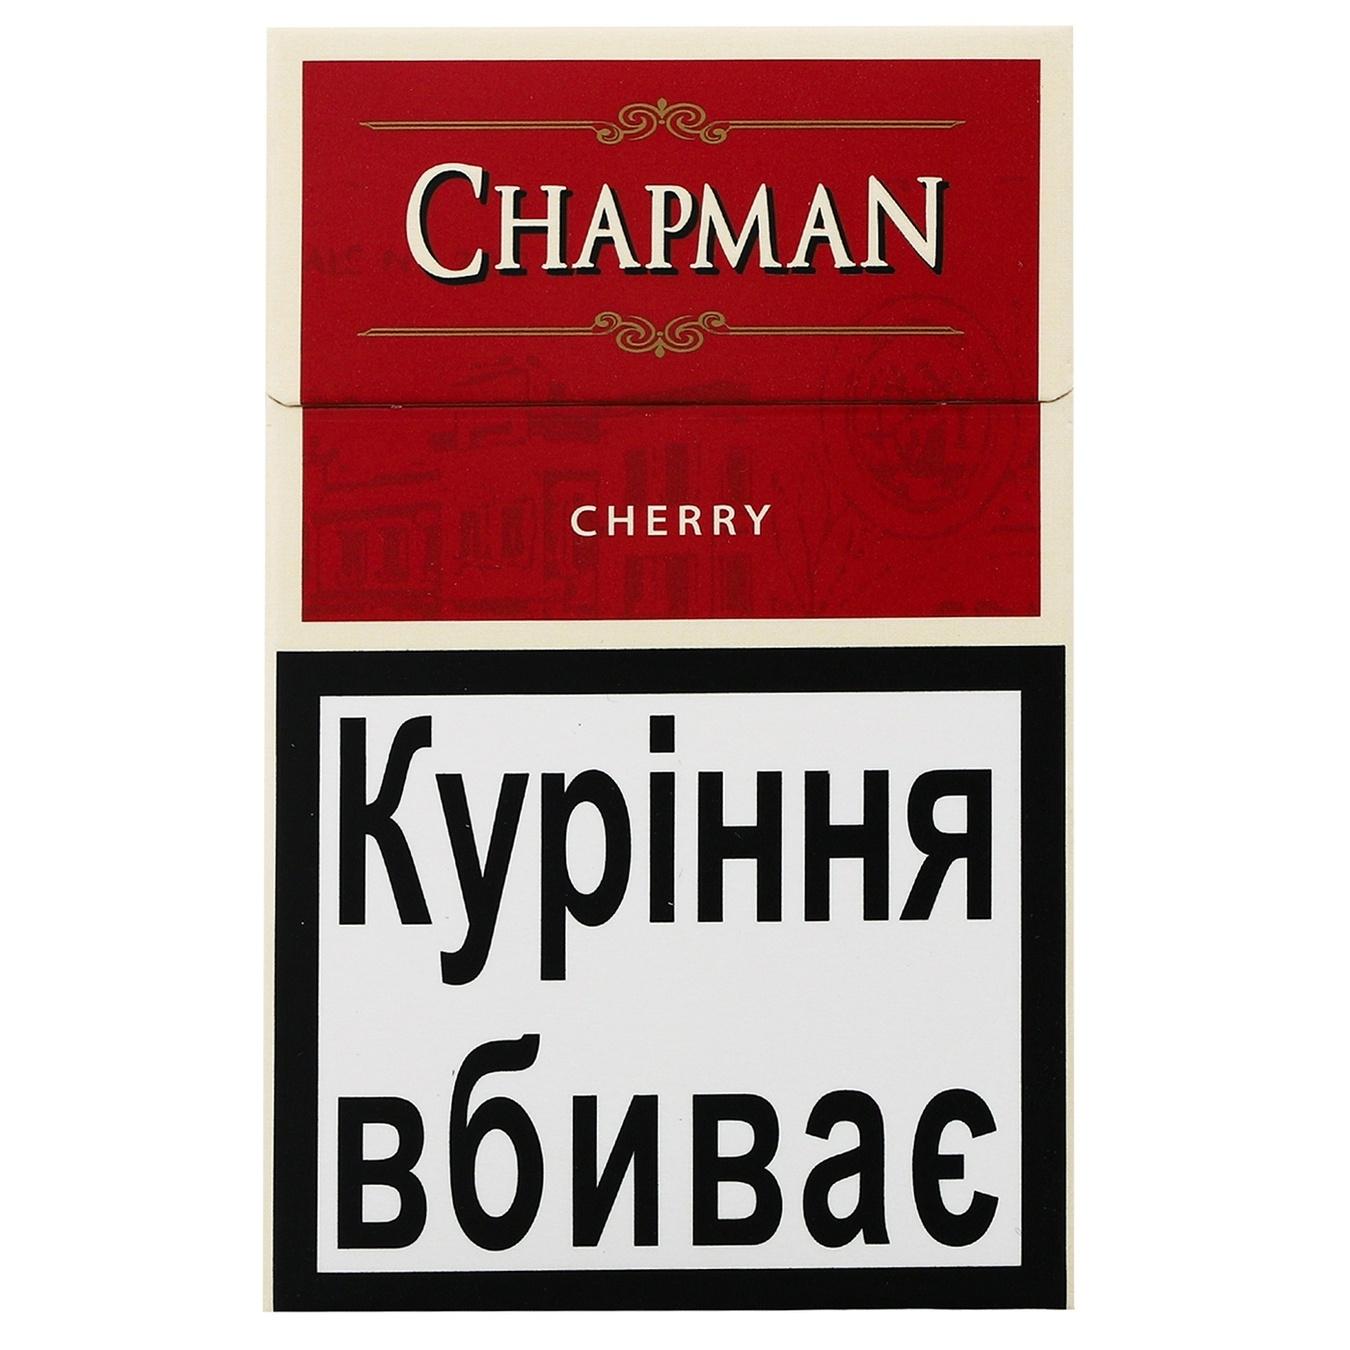 Chapman сигареты купить доставка электронные сигареты купить ситилинк